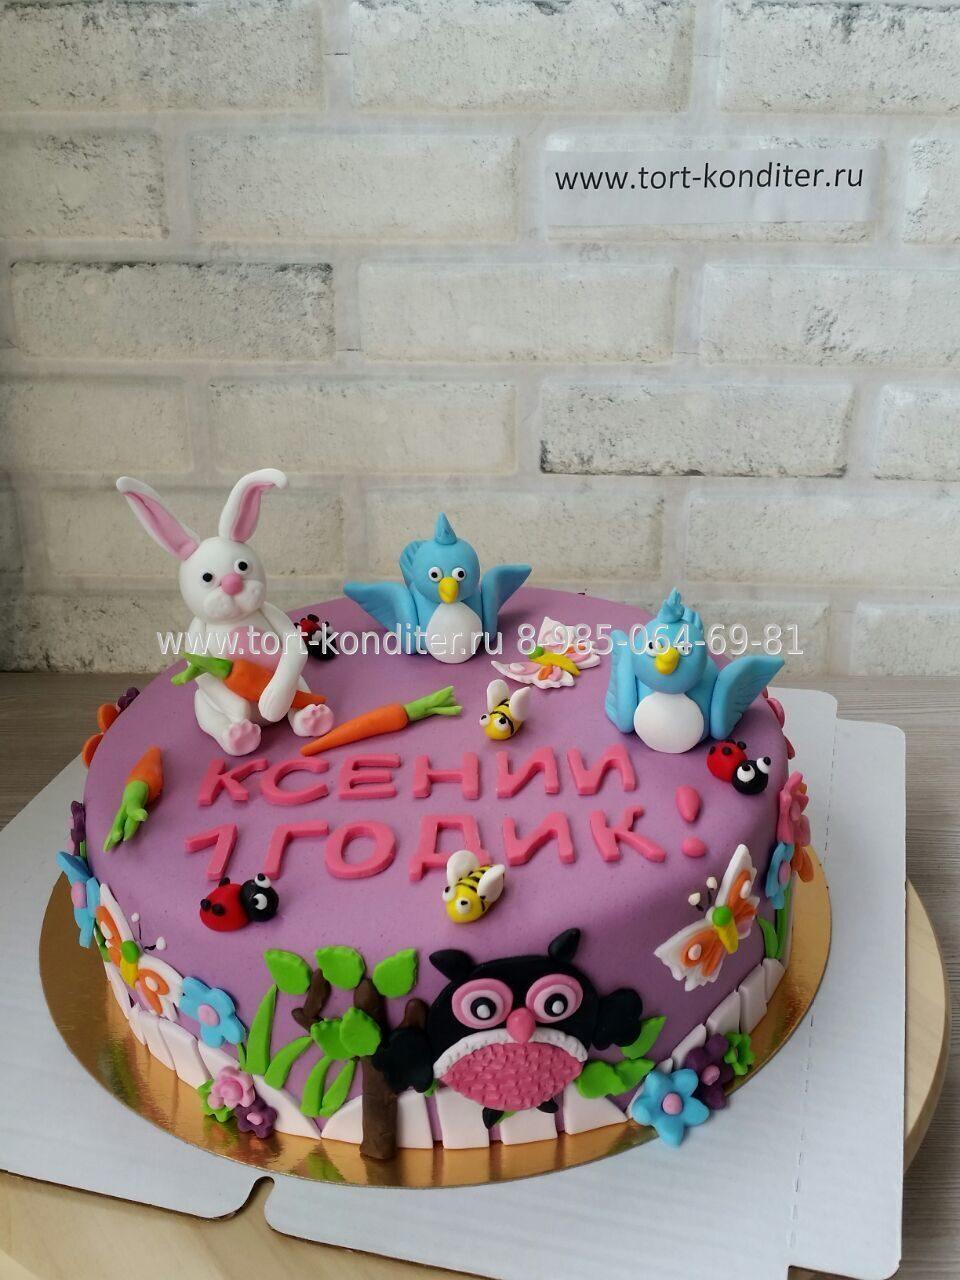 Торт на годовасие девочке